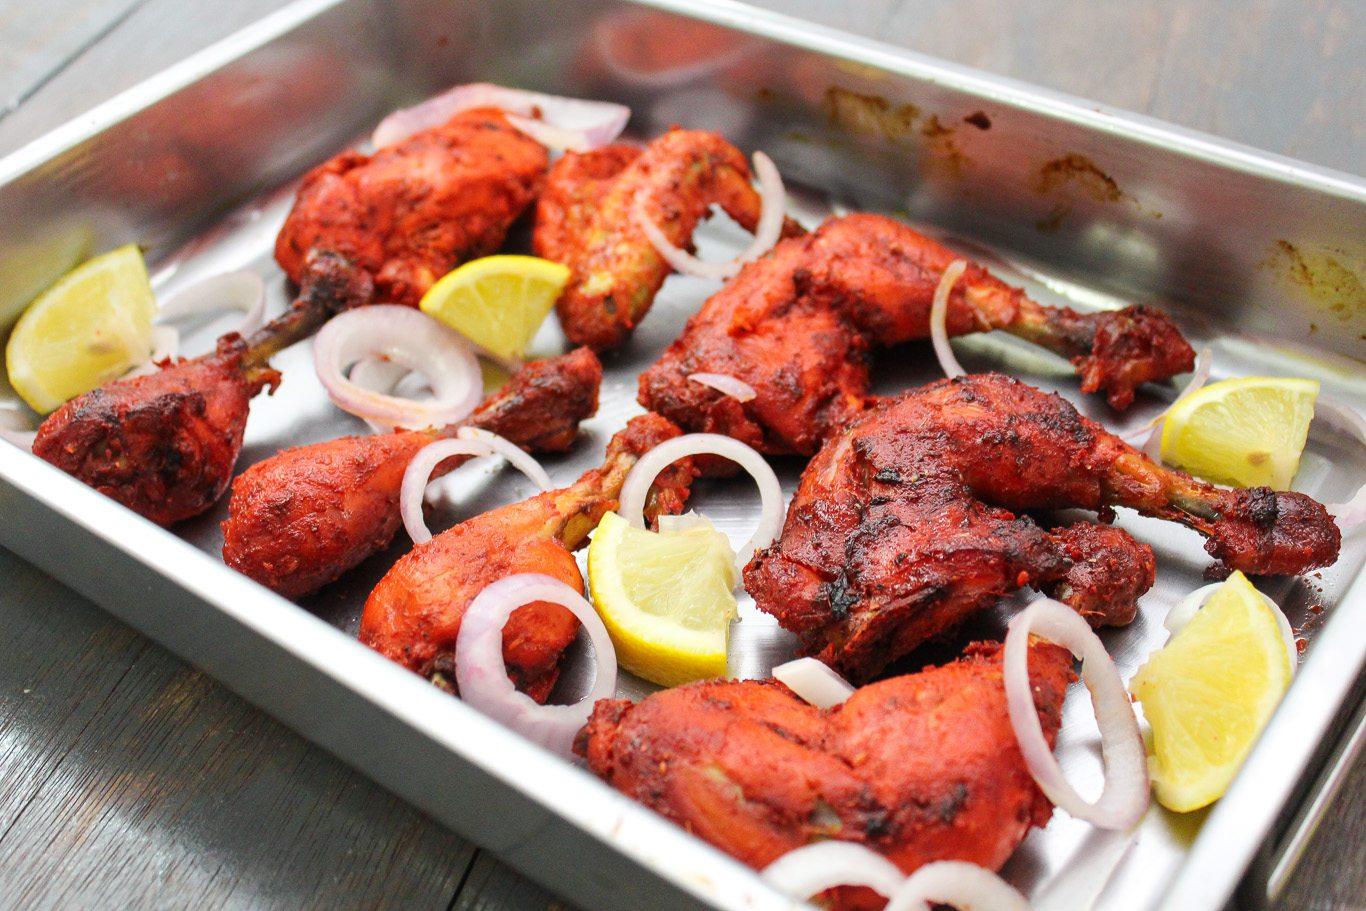 Tandoori chicken recipe with yogurt